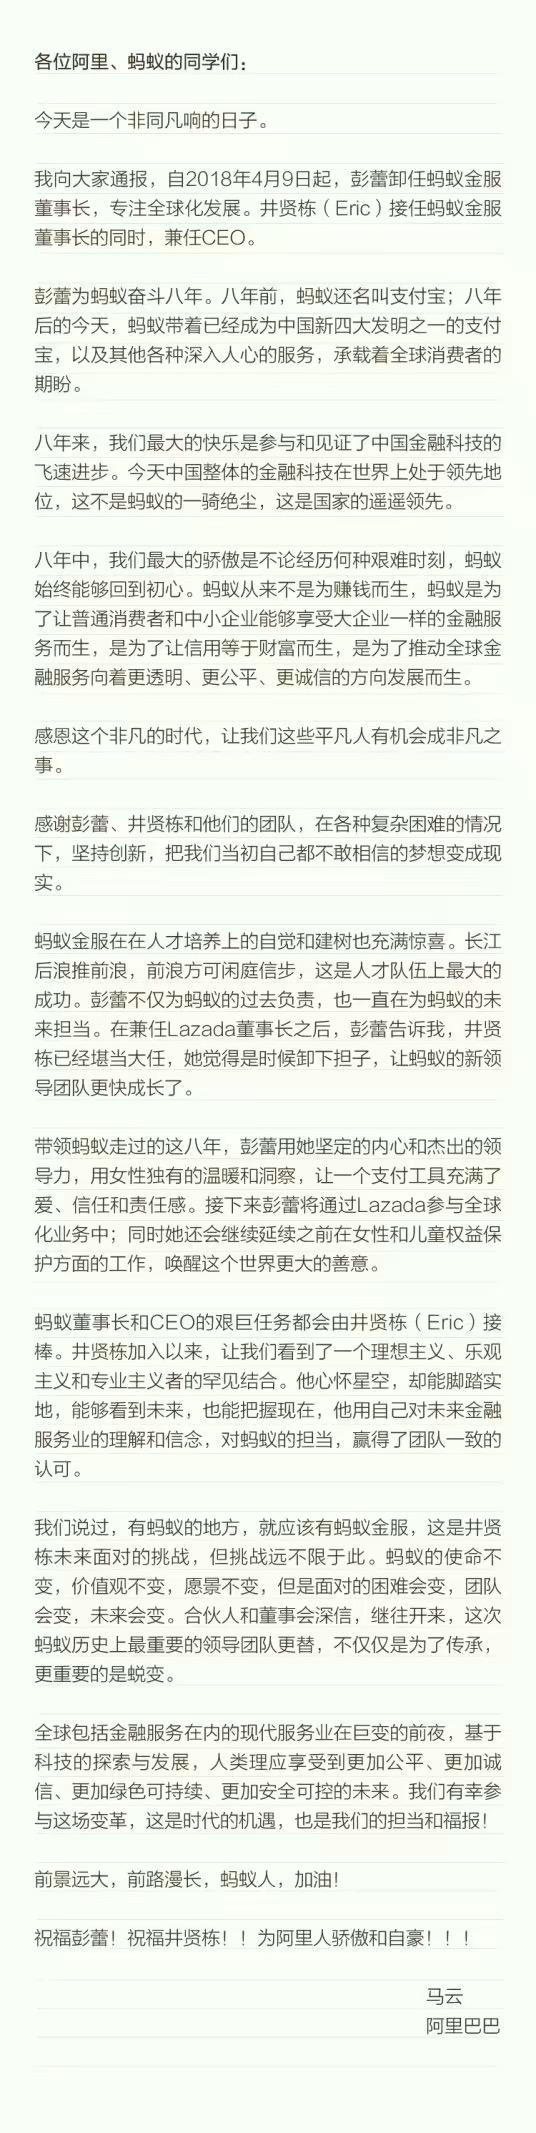 马云内部信:彭蕾卸任蚂蚁金服董事长 井贤栋接任